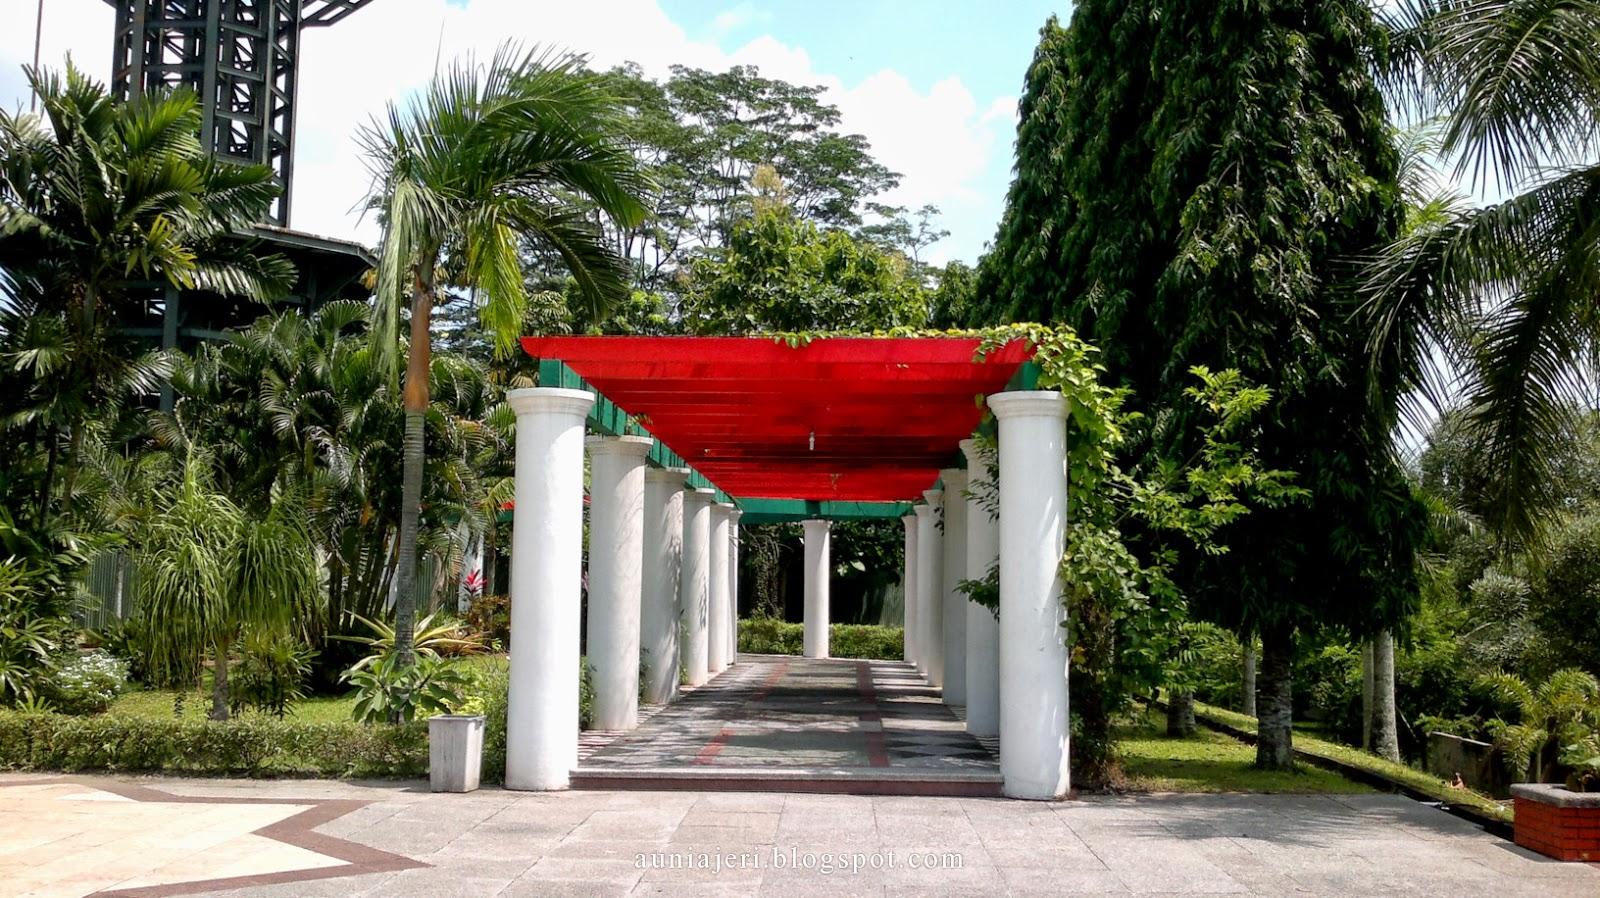 Masjid Kampus Ugm Yogyakarta Wisata Kemana Ruang Terlihat Megah Indah